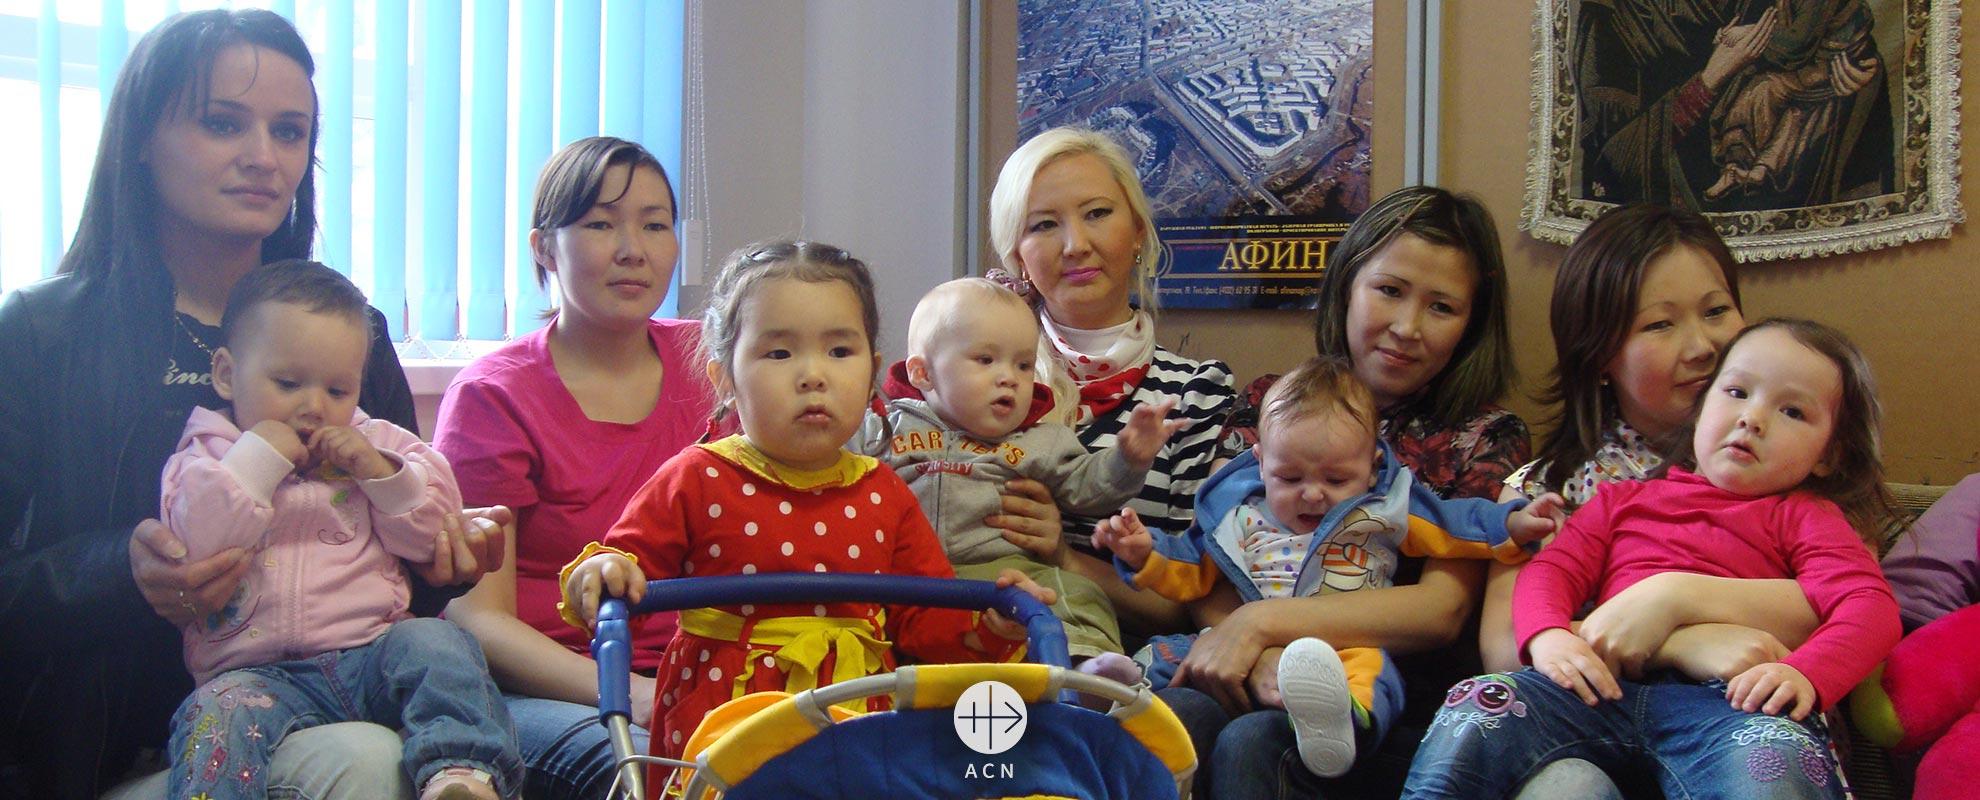 Rusia: pasos concretos con el espíritu del ecumenismo